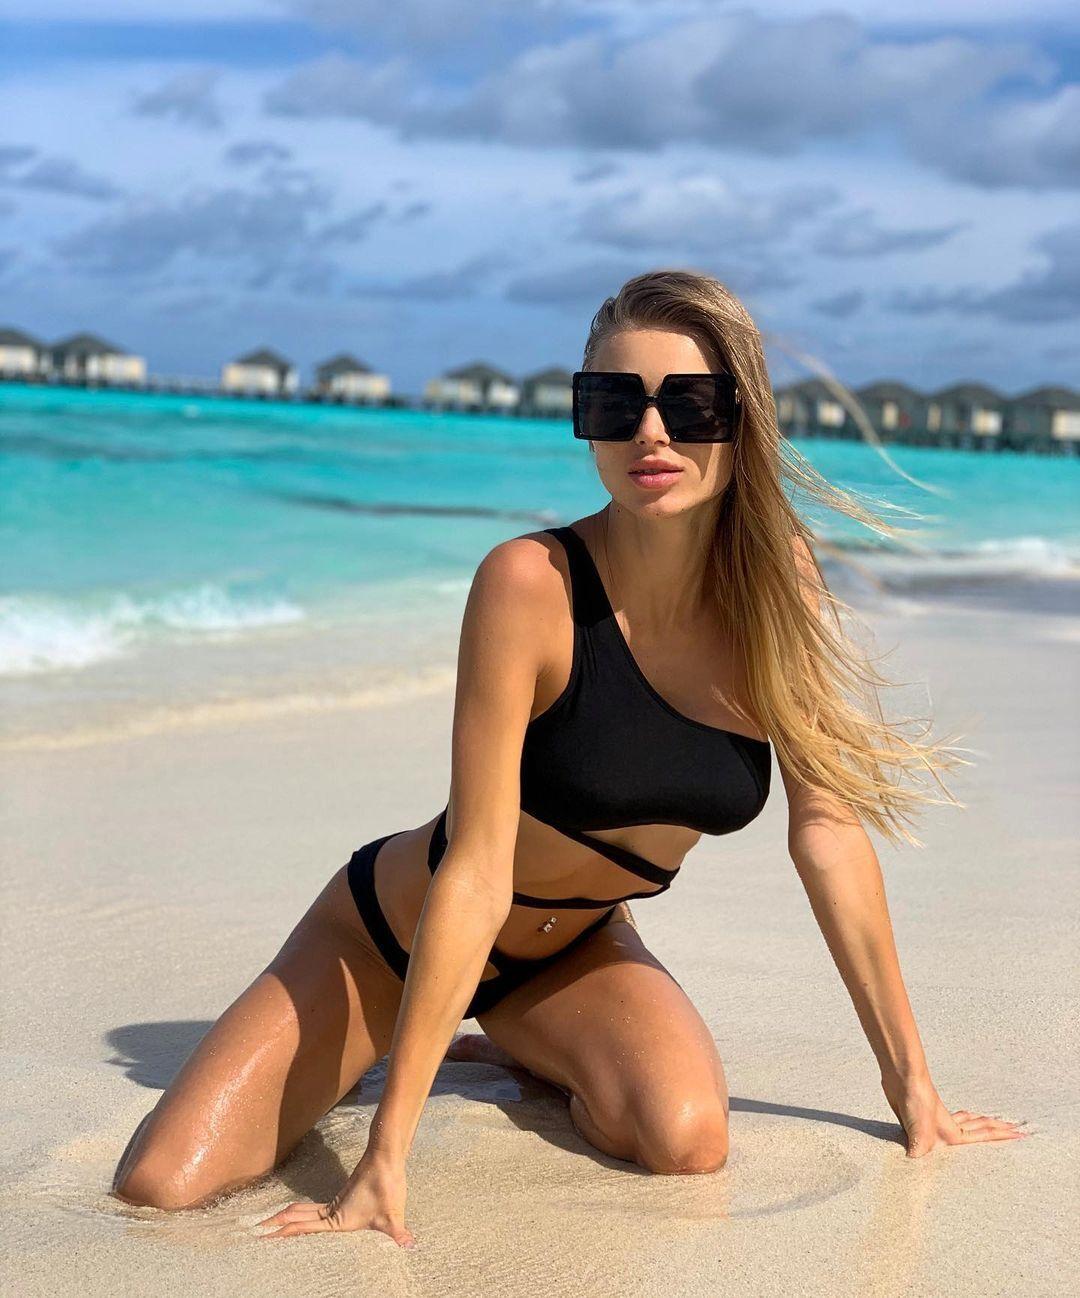 Юлианна на пляже